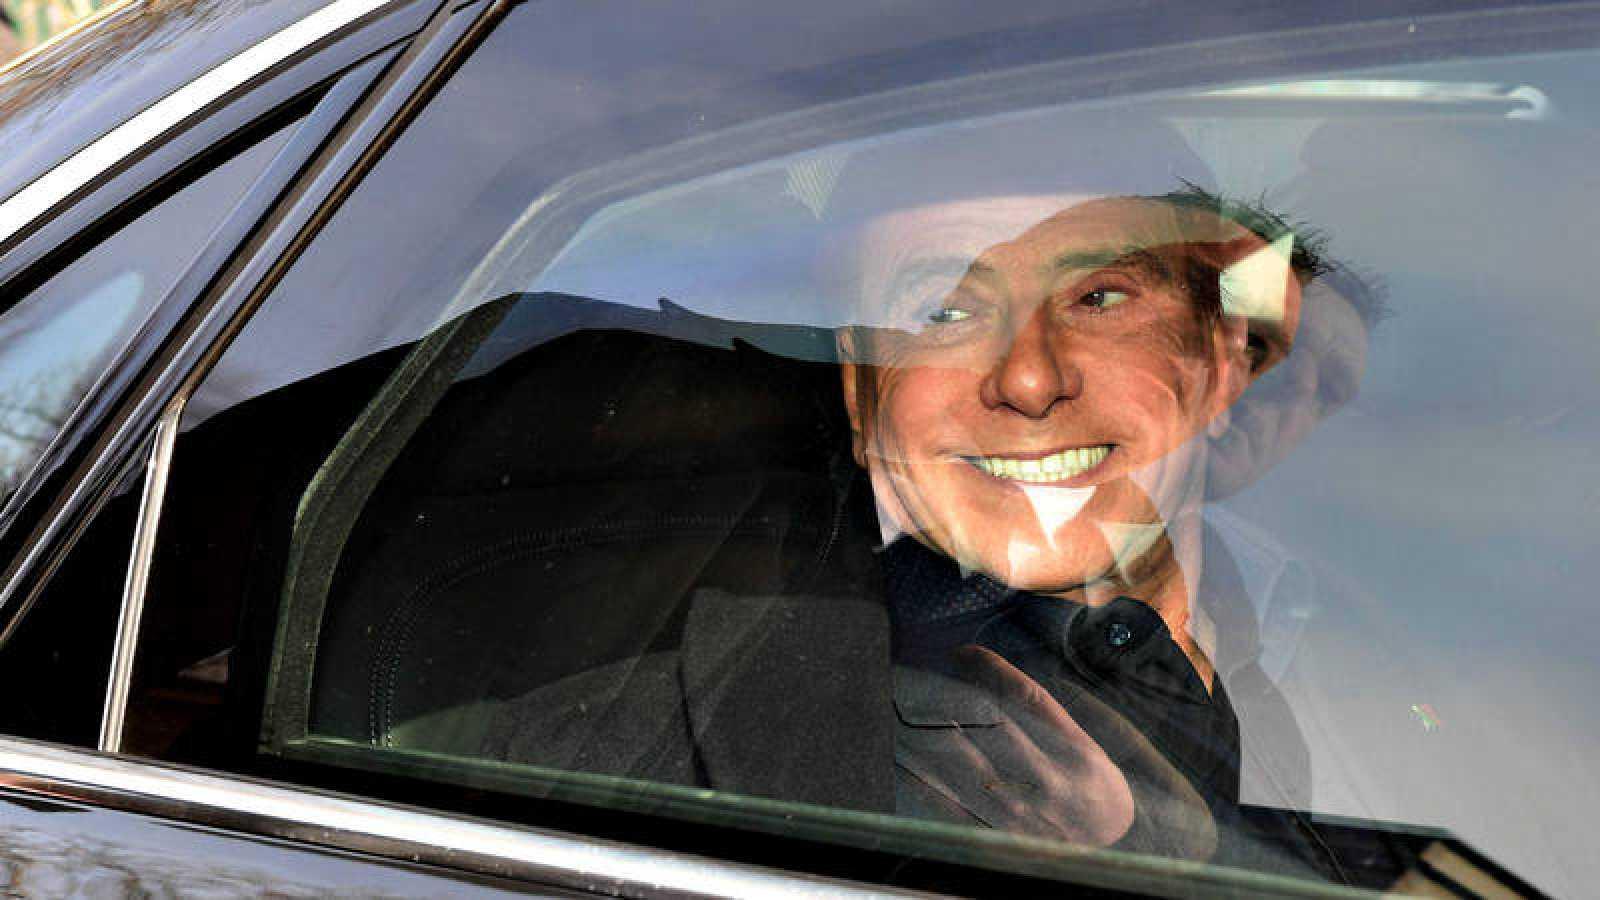 El exprimer ministro italiano y líder de Forza italia, Silvio Berlusconi, el día de las elecciones